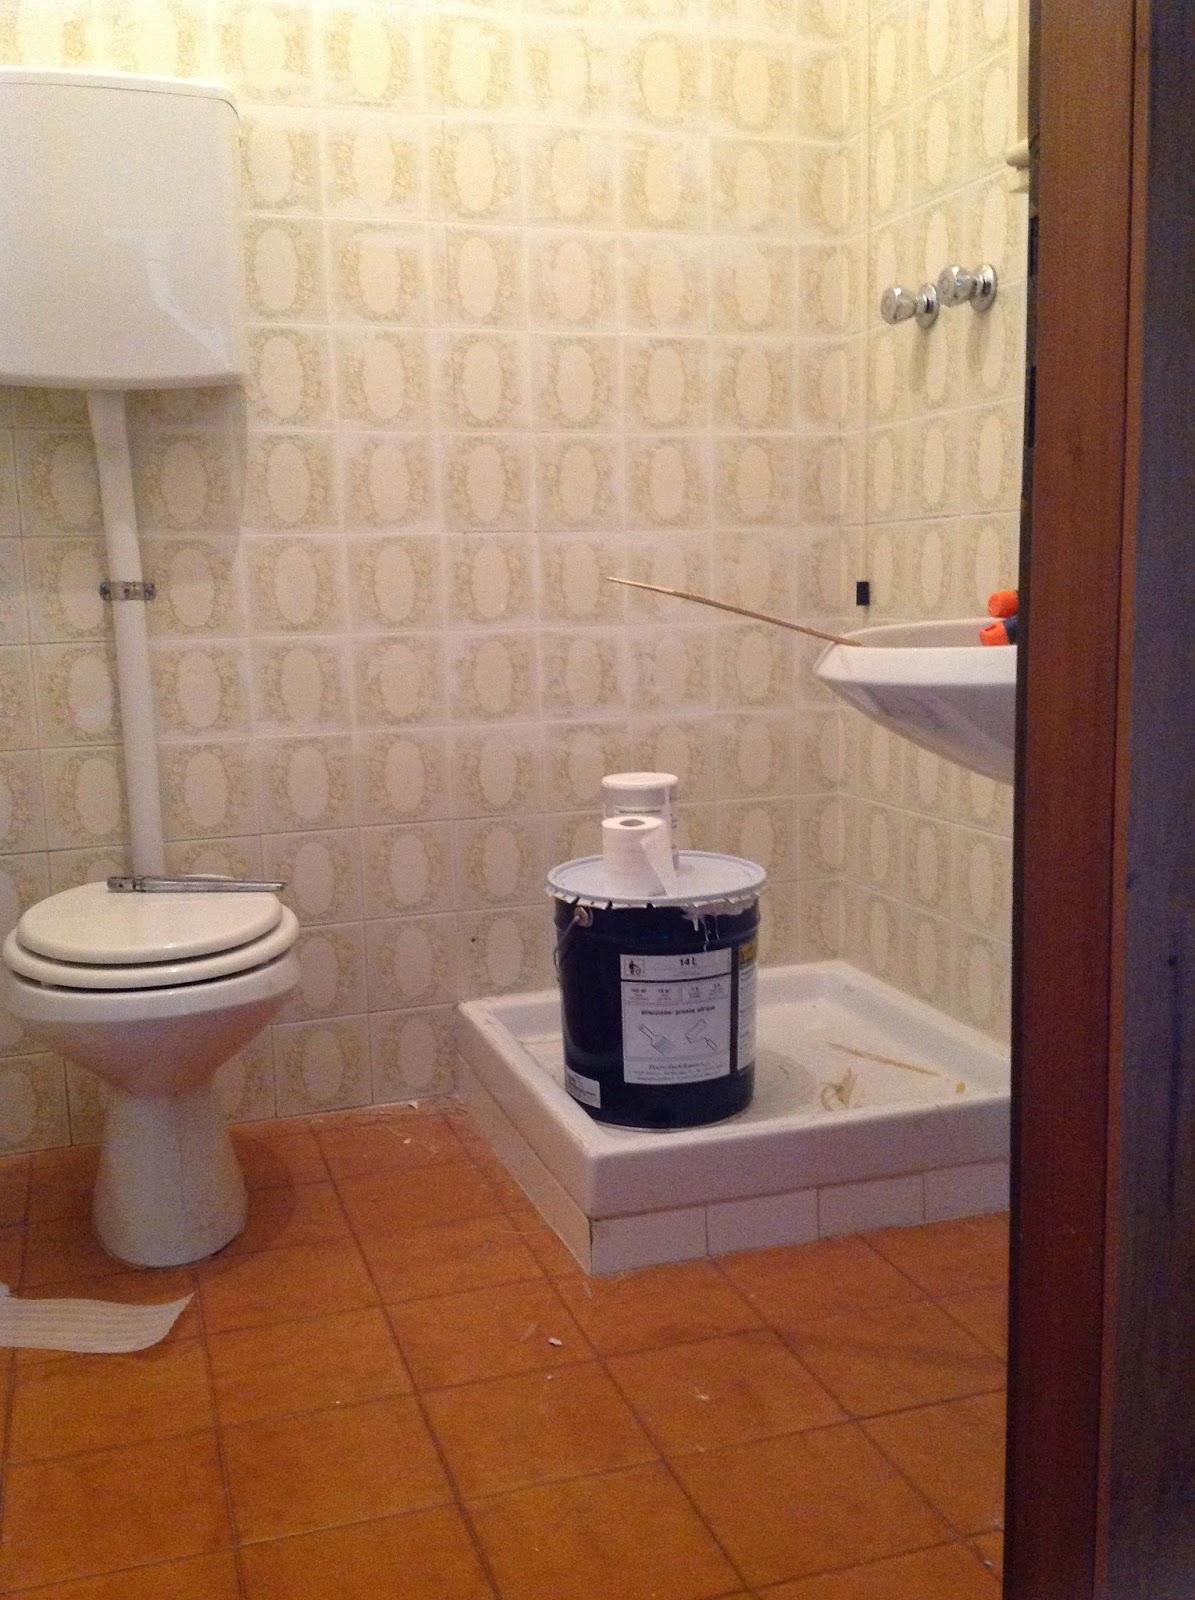 Coprire le piastrelle del bagno - Immagini piastrelle bagno ...